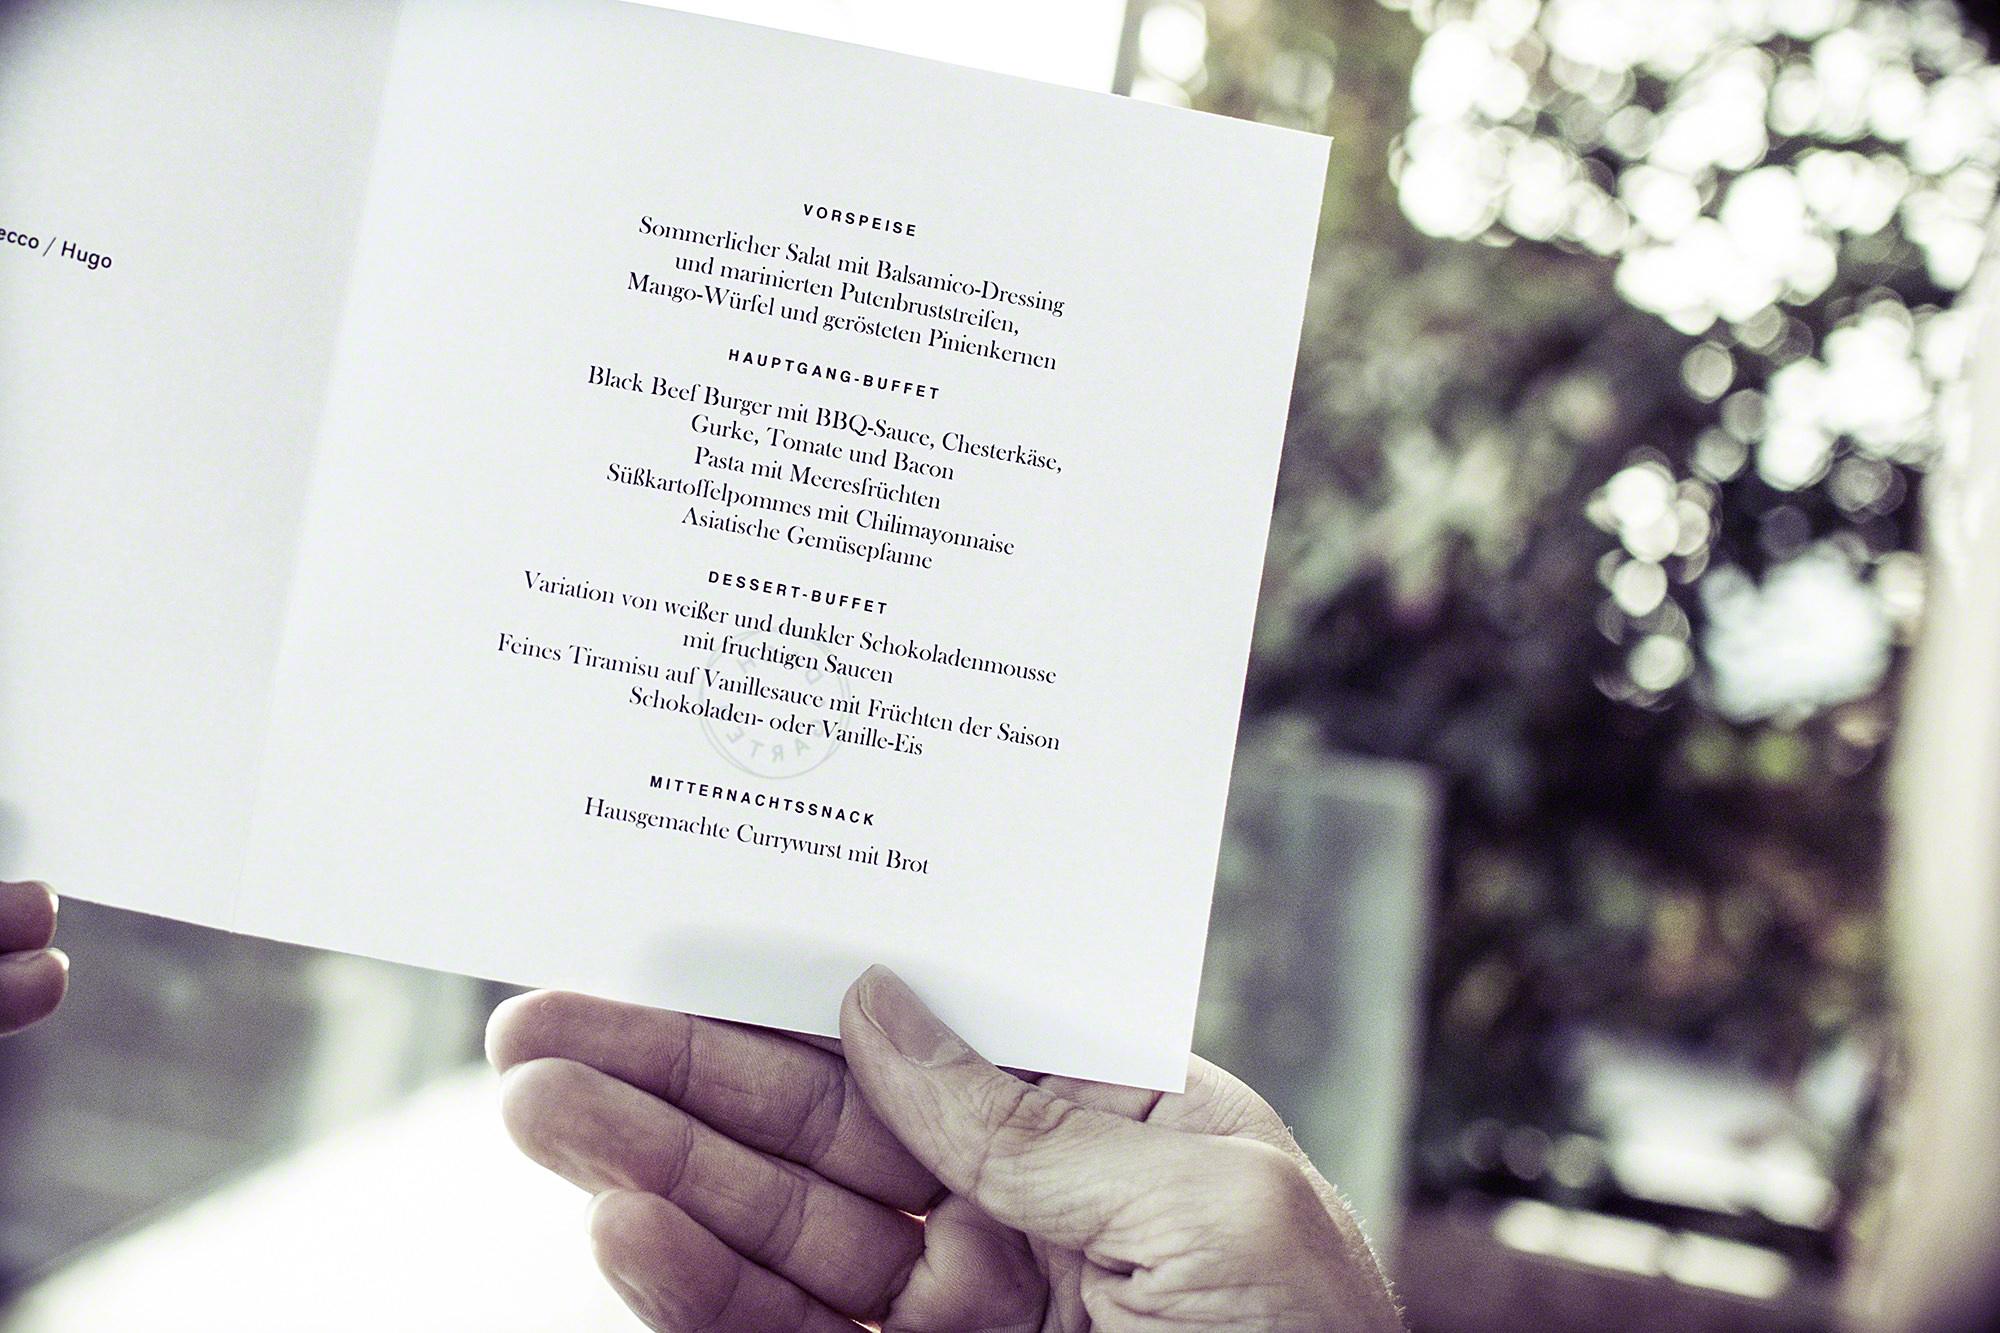 Hochzeitsreportage Speisekarte